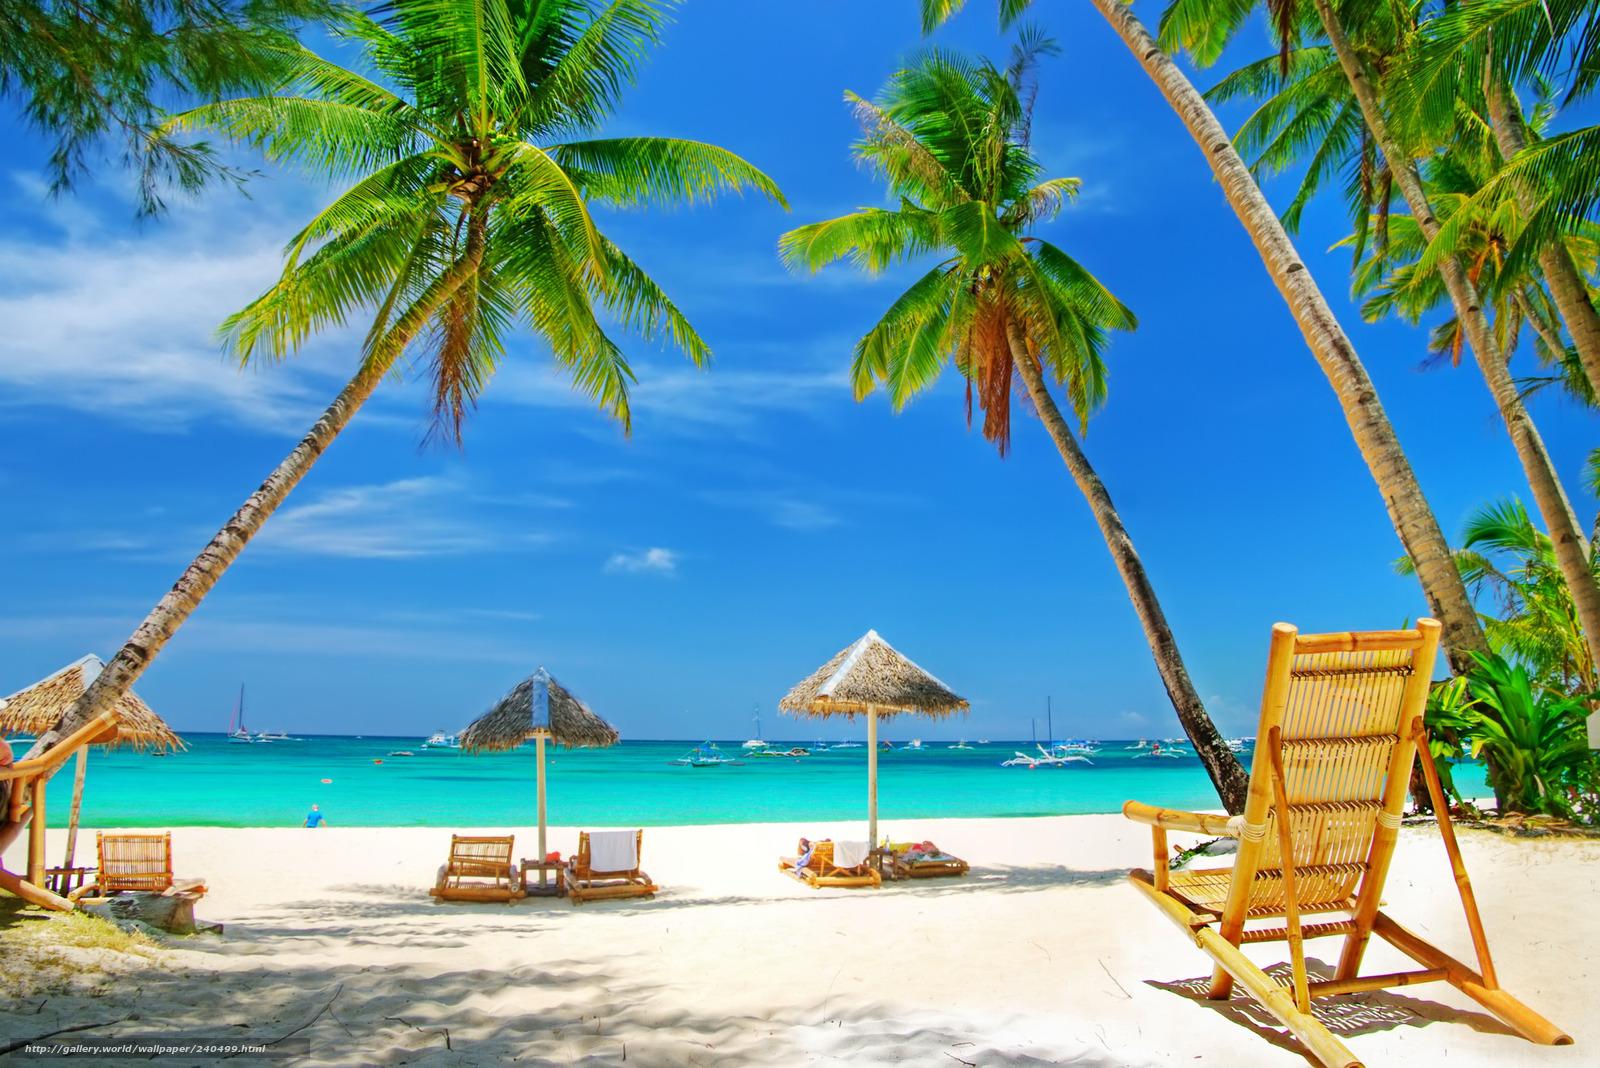 Картинки пляжей море пальмы